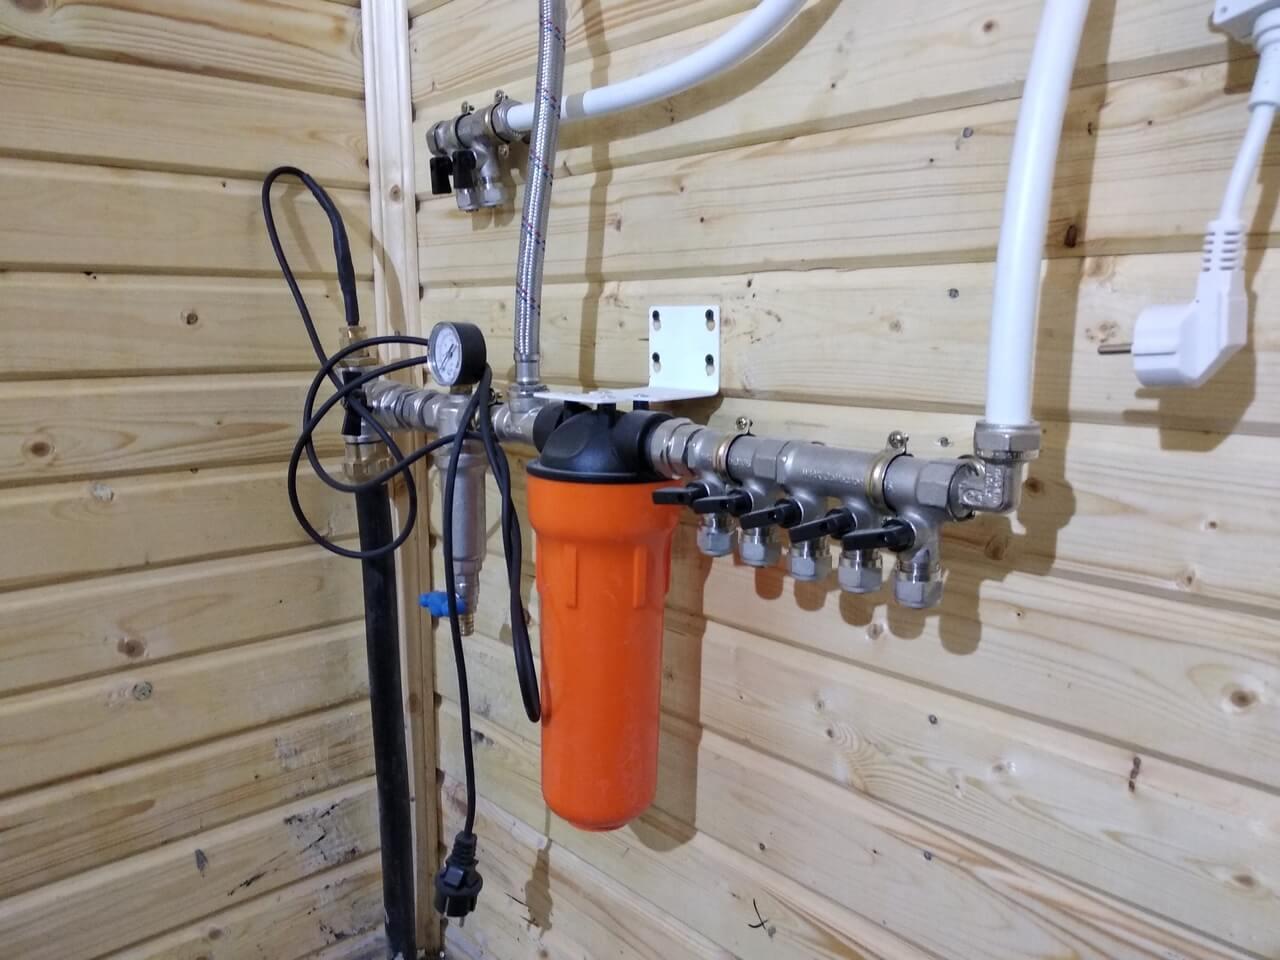 системы водоснабжения загородного дома фото никогда оформляли заказ